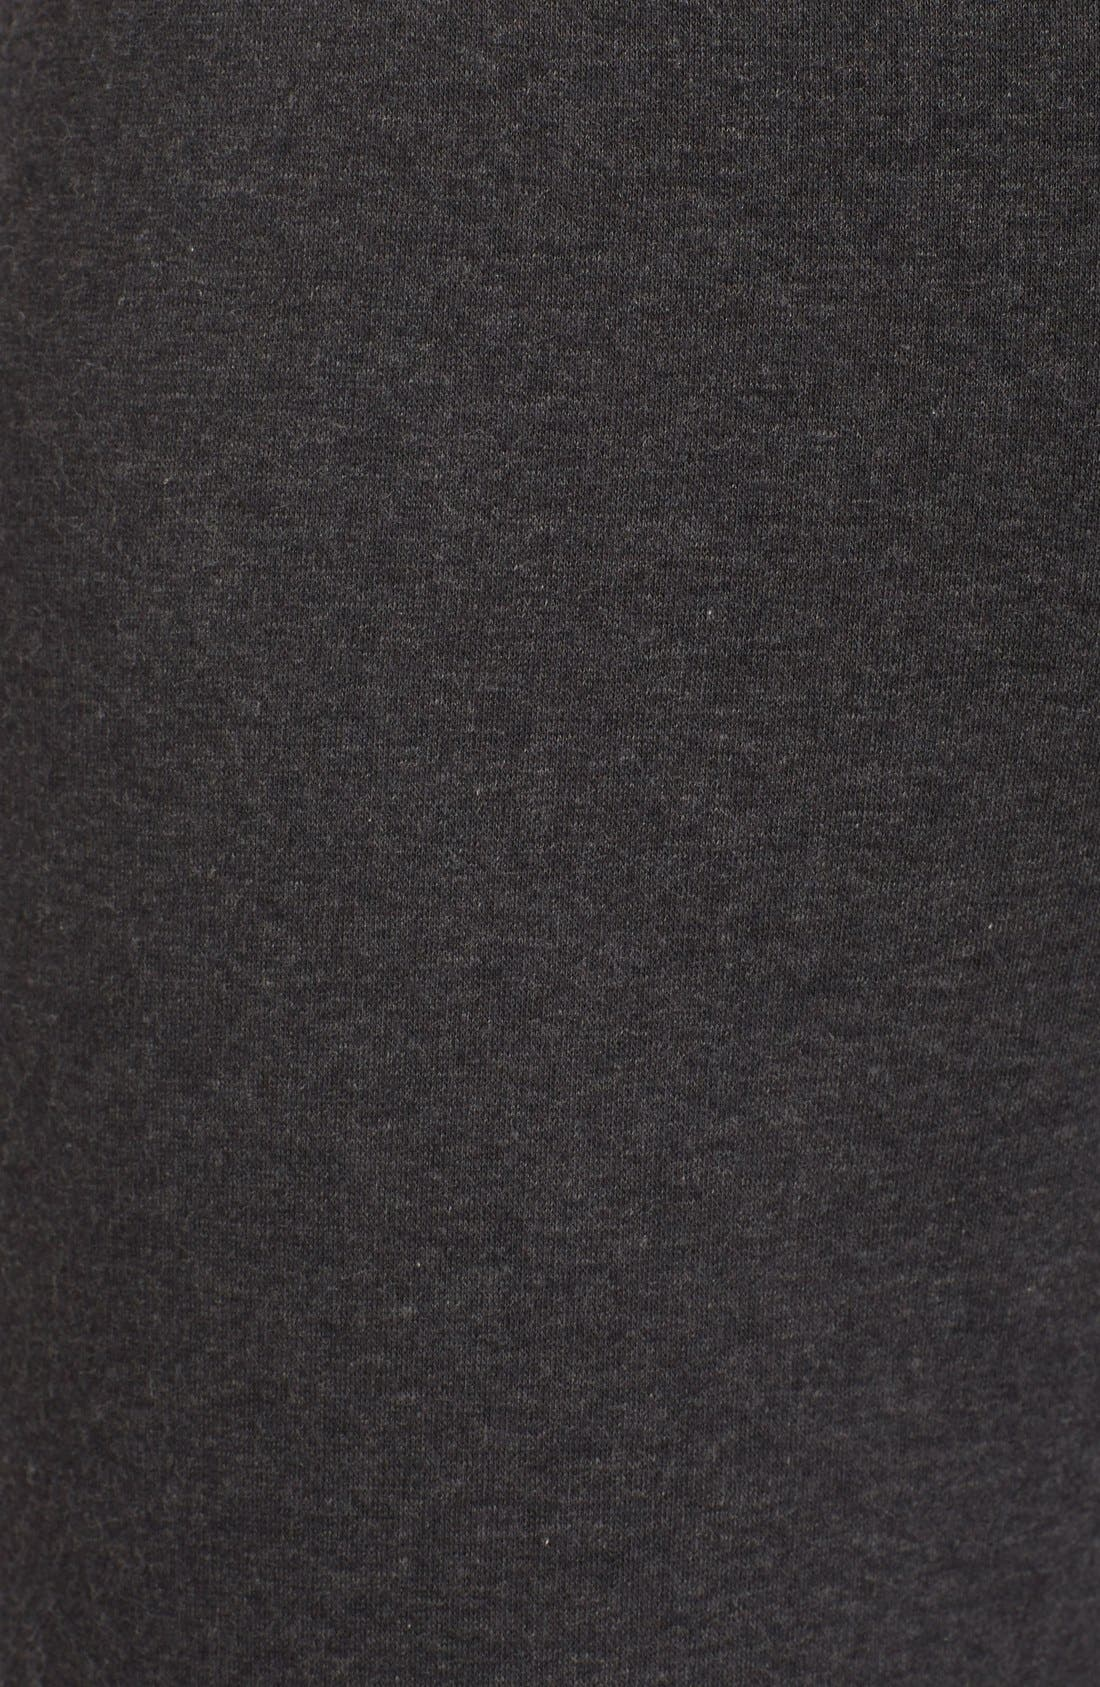 'Collins' Double Knit Pants,                             Alternate thumbnail 44, color,